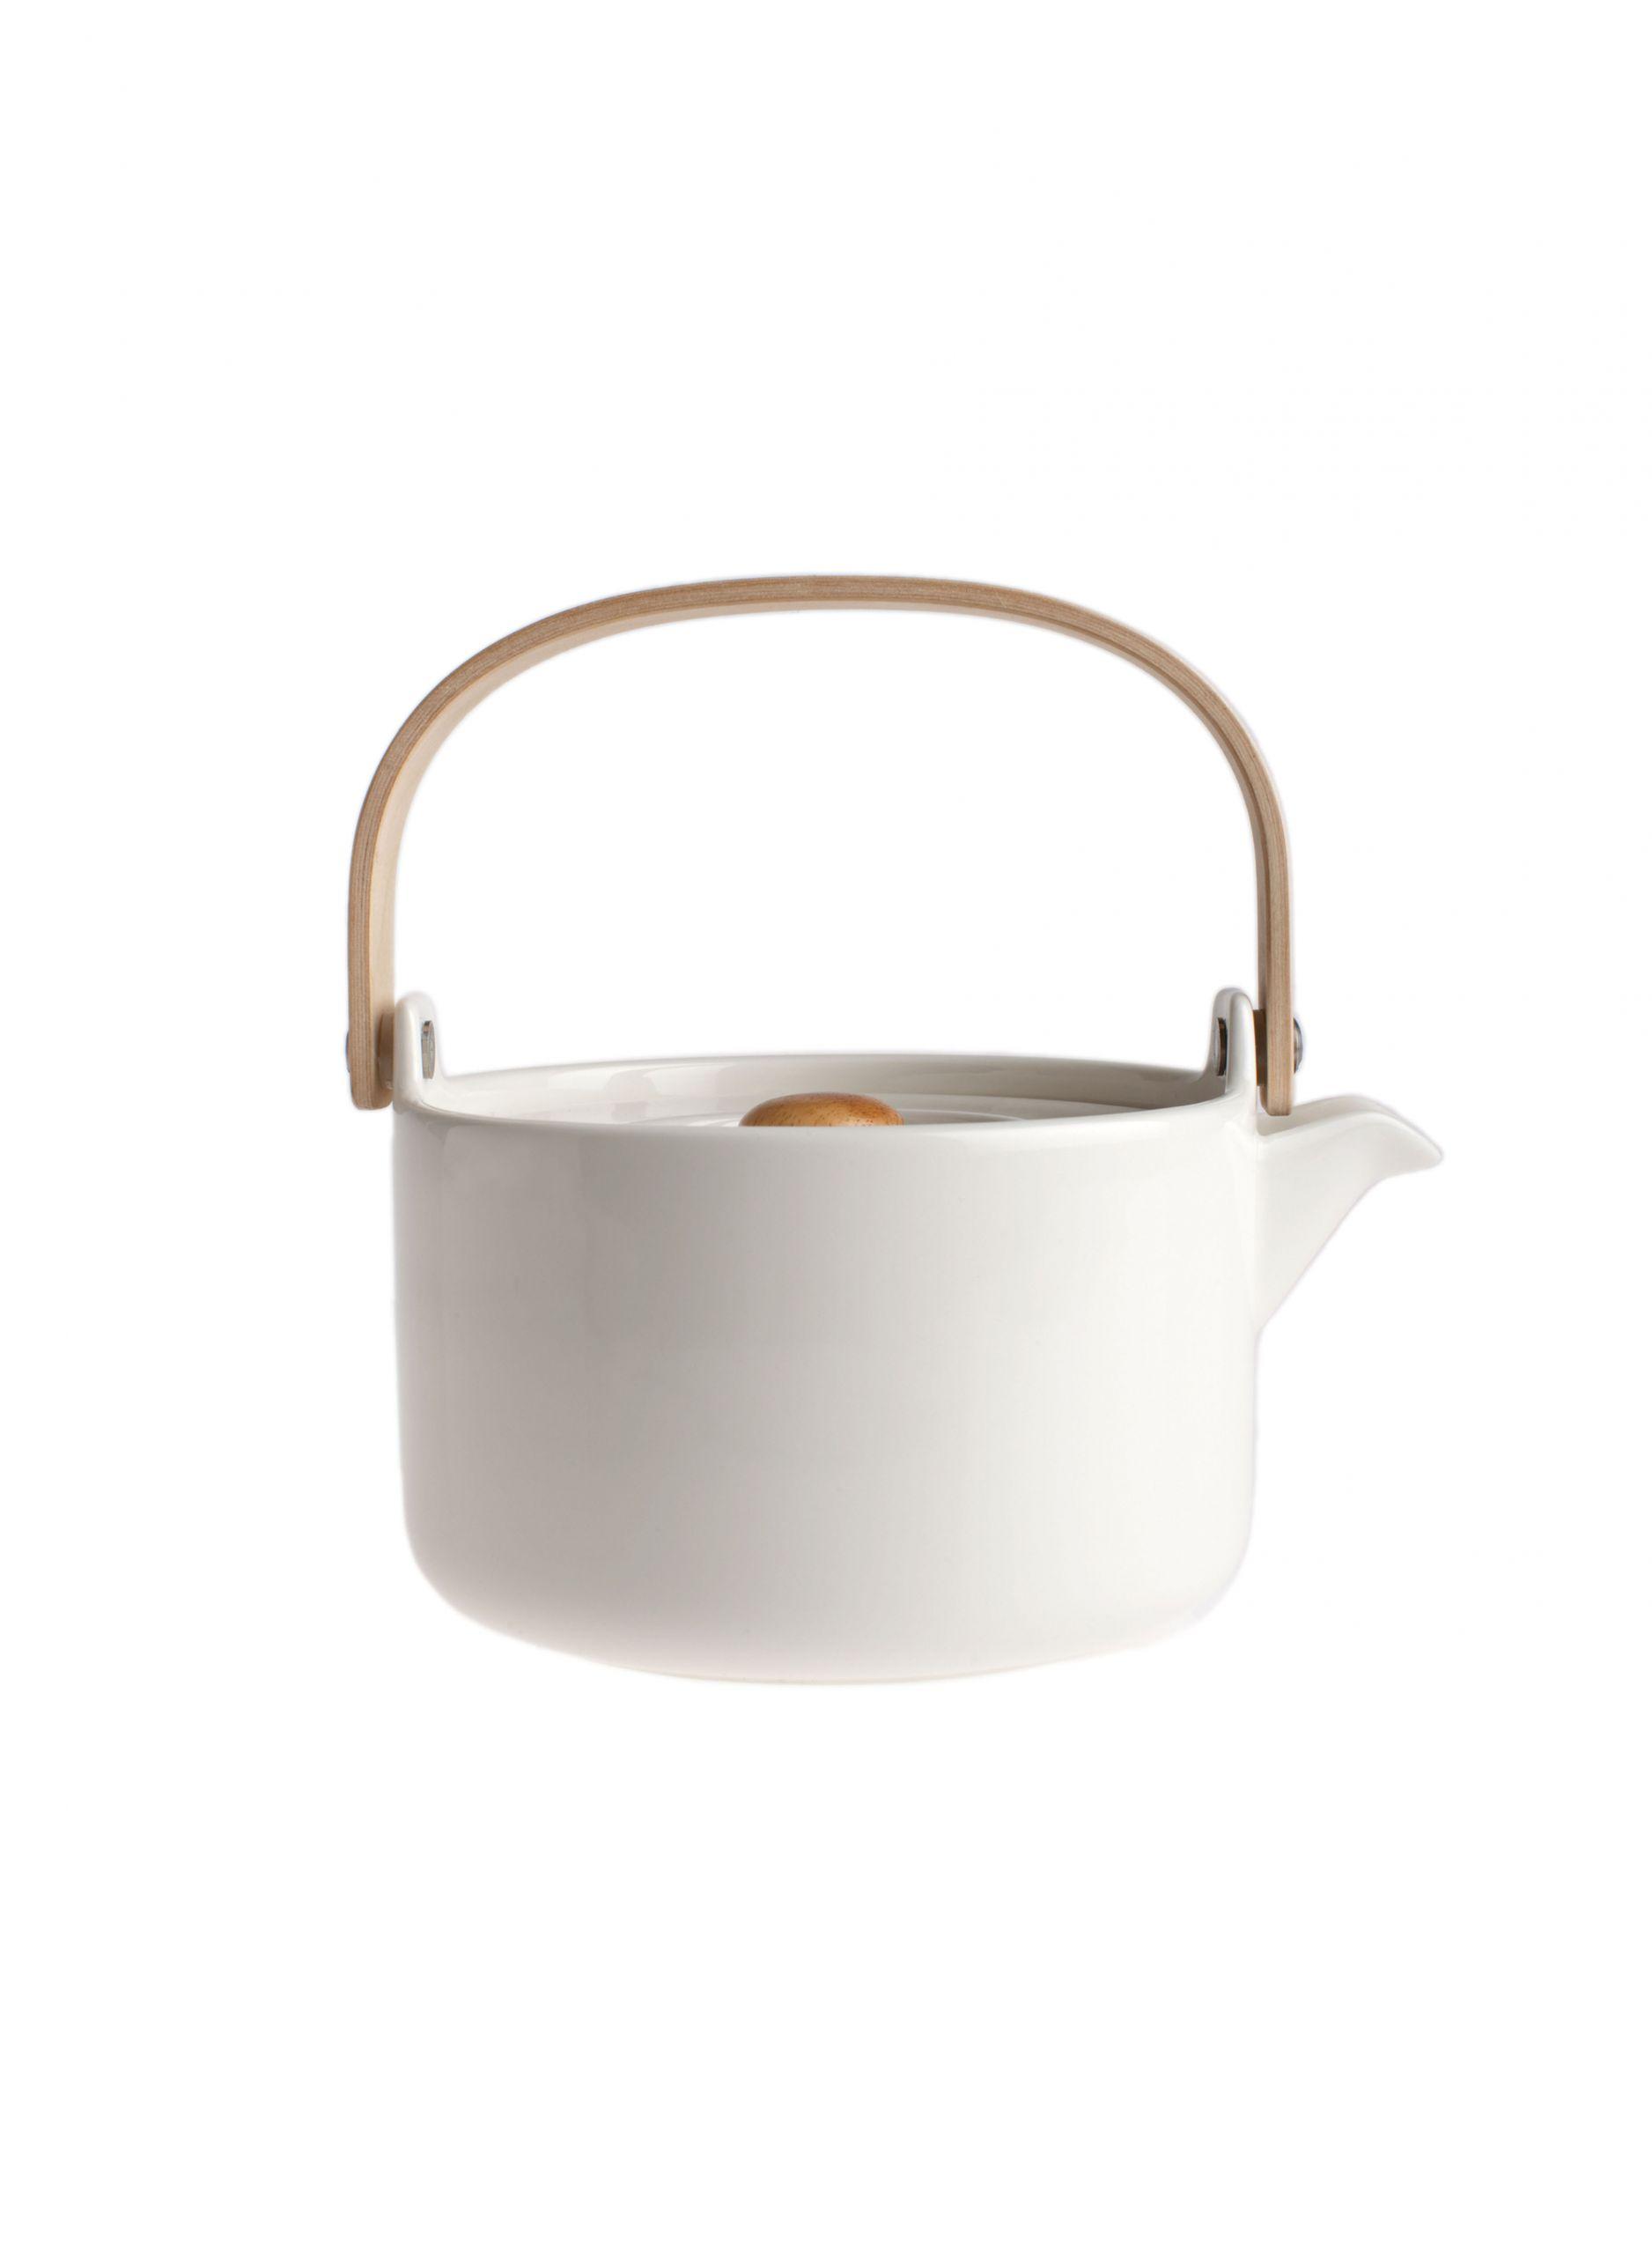 Marimekko Teapot Oiva White